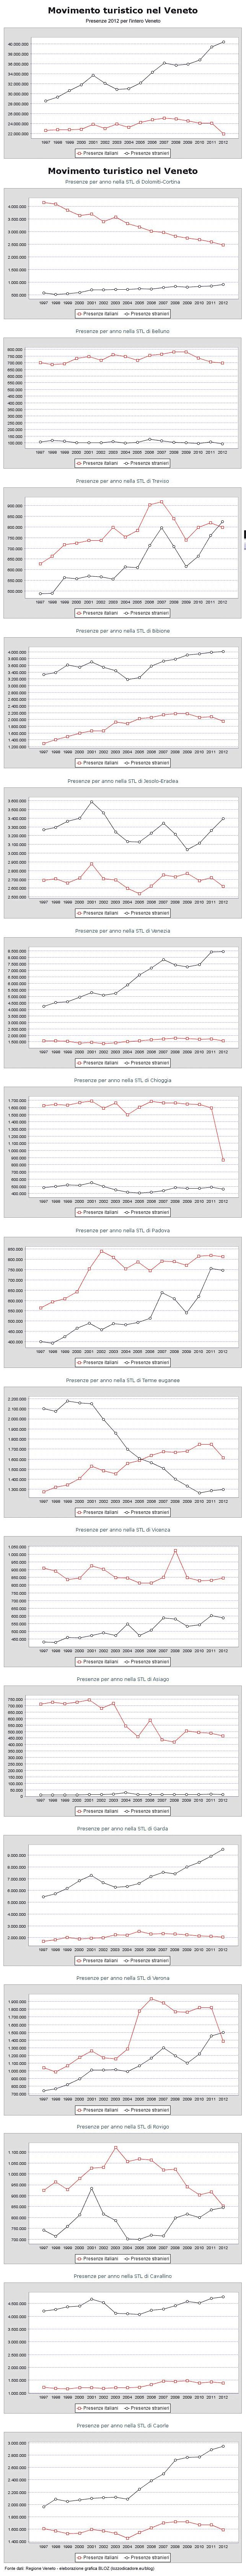 presenze turistiche nei settori turistici locali (STL) del Veneto -2012